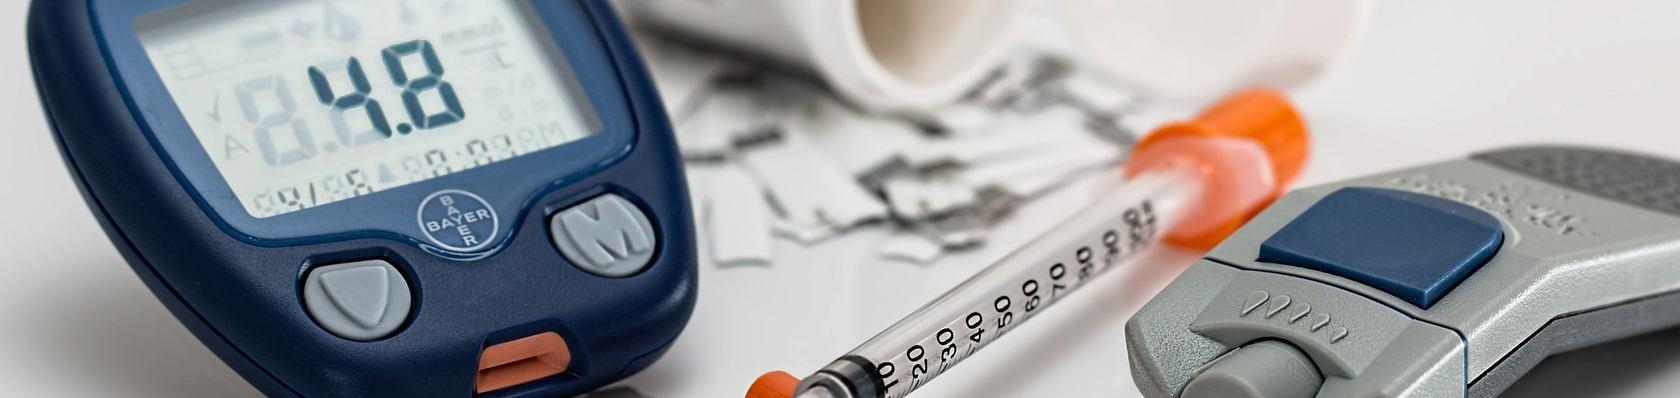 Blutzuckermessgeräte im Test auf ExpertenTesten.de